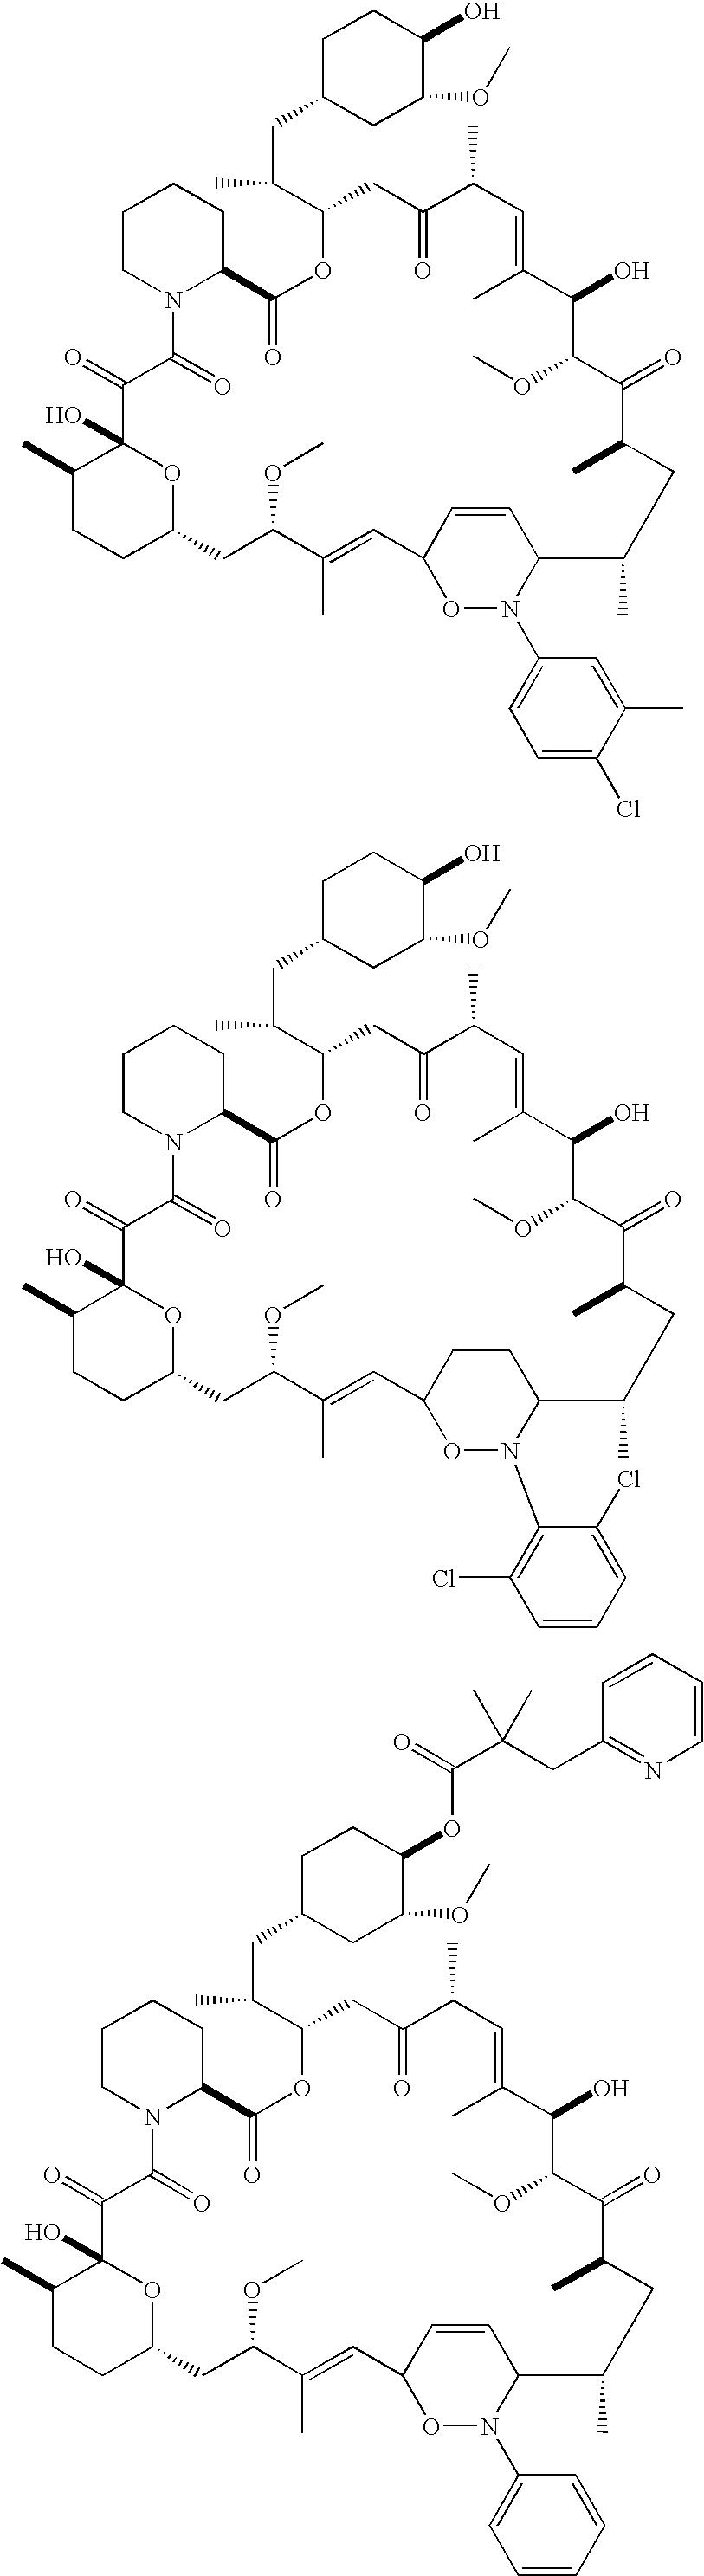 Figure US07470682-20081230-C00008